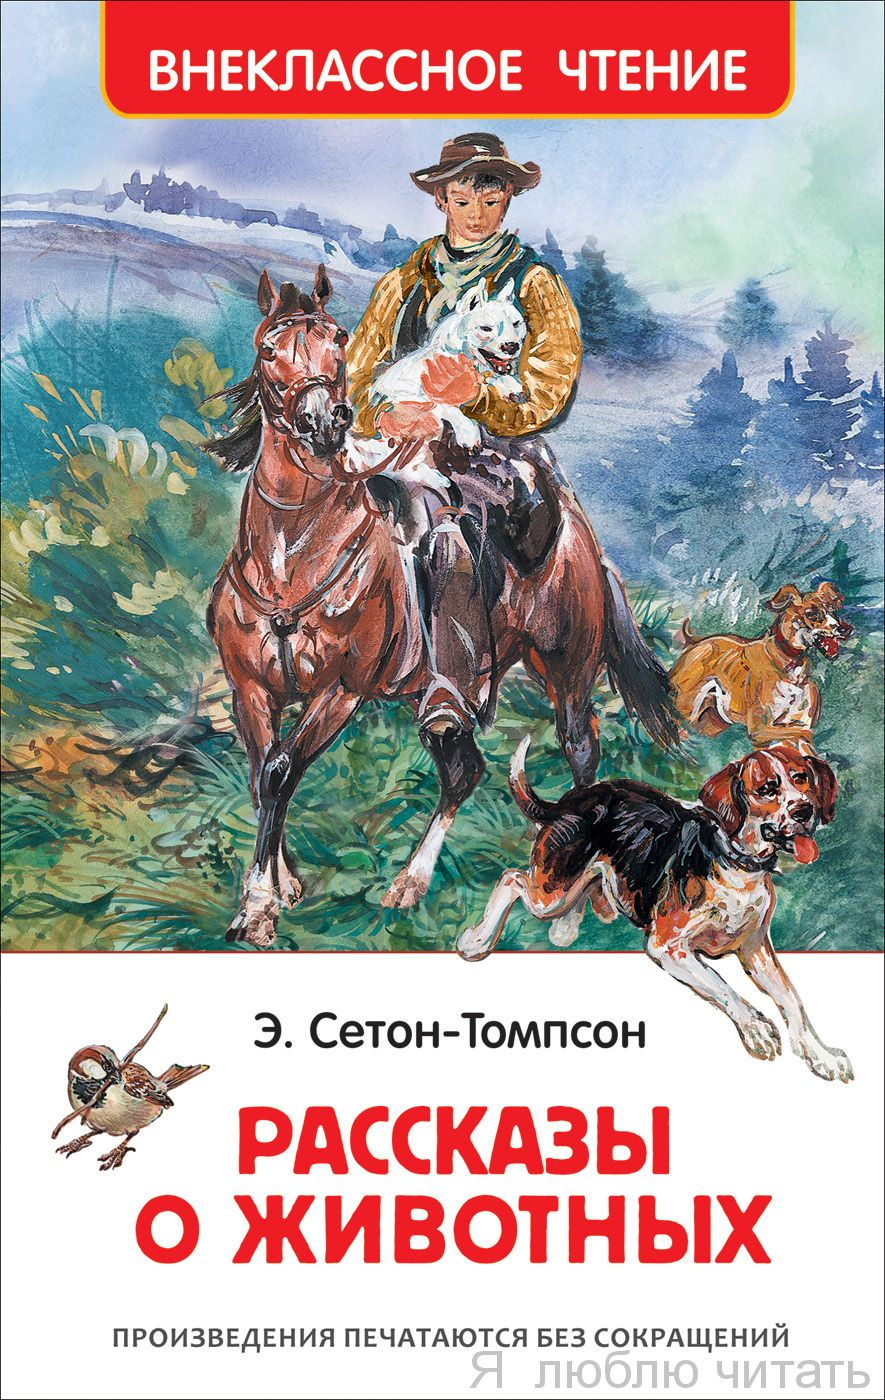 Рассказы о животных (ВЧ) Сетон-Томпсон Э.